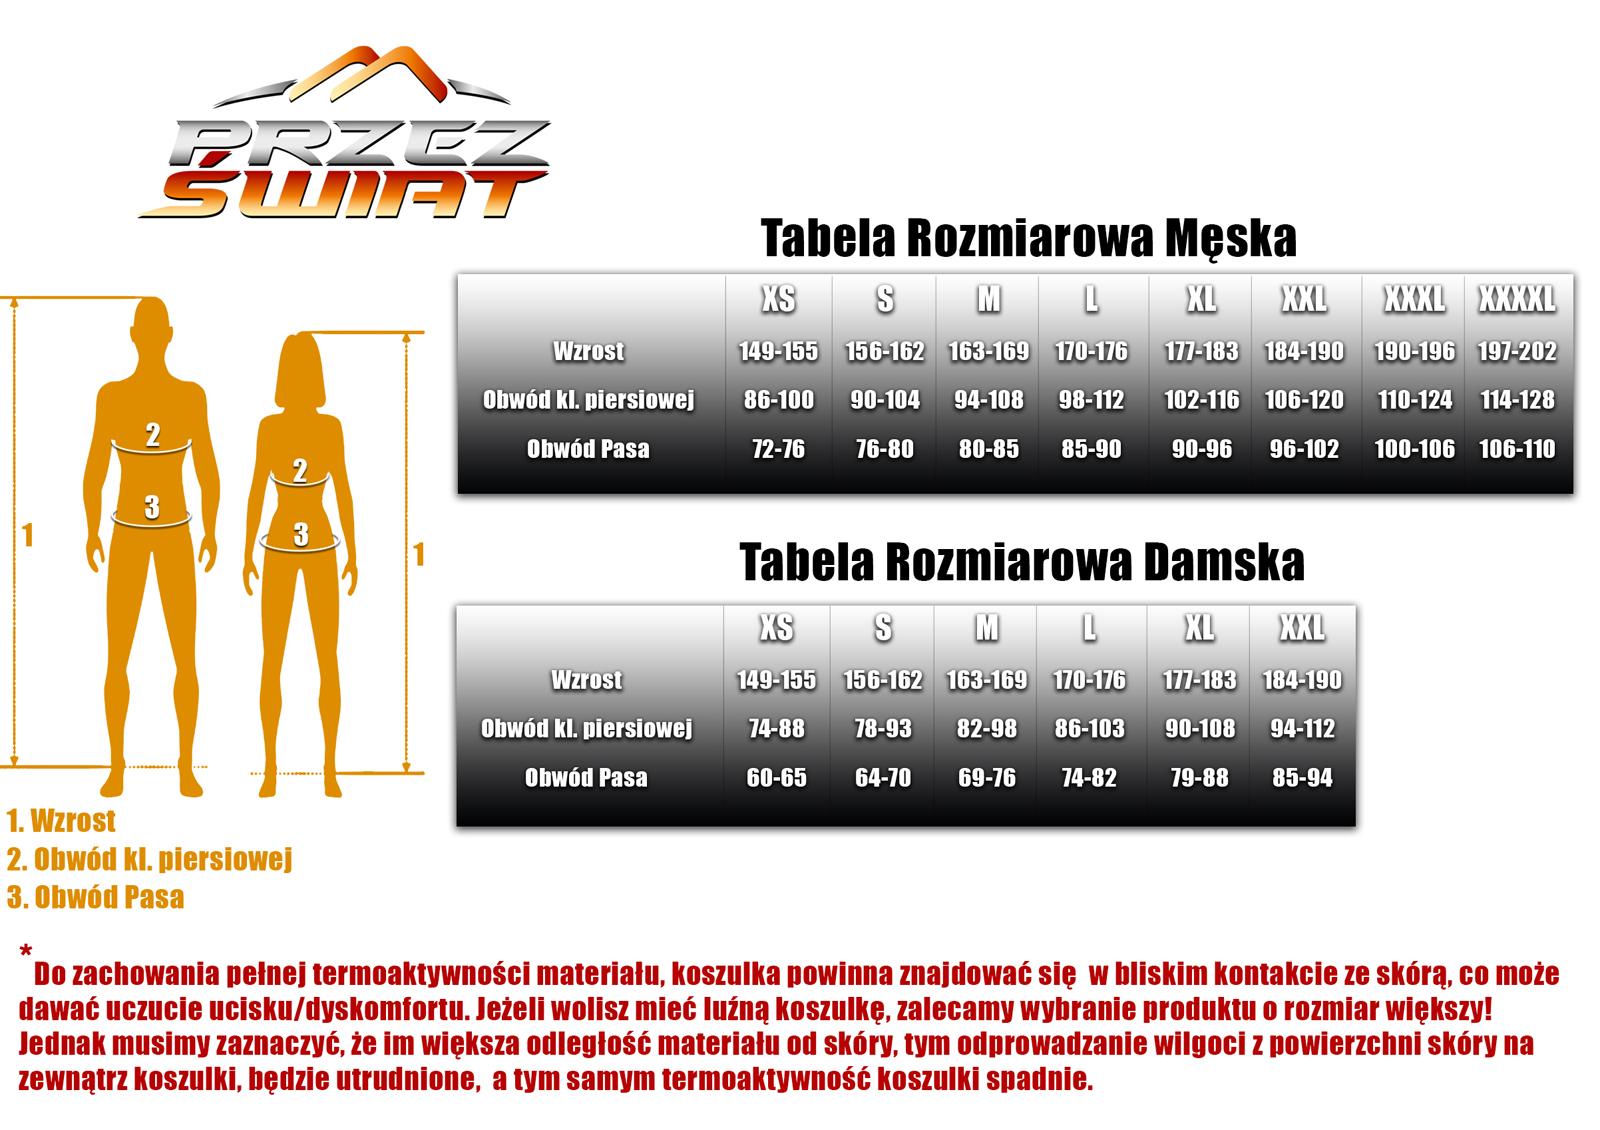 tabela-rozmiarowa-(1)